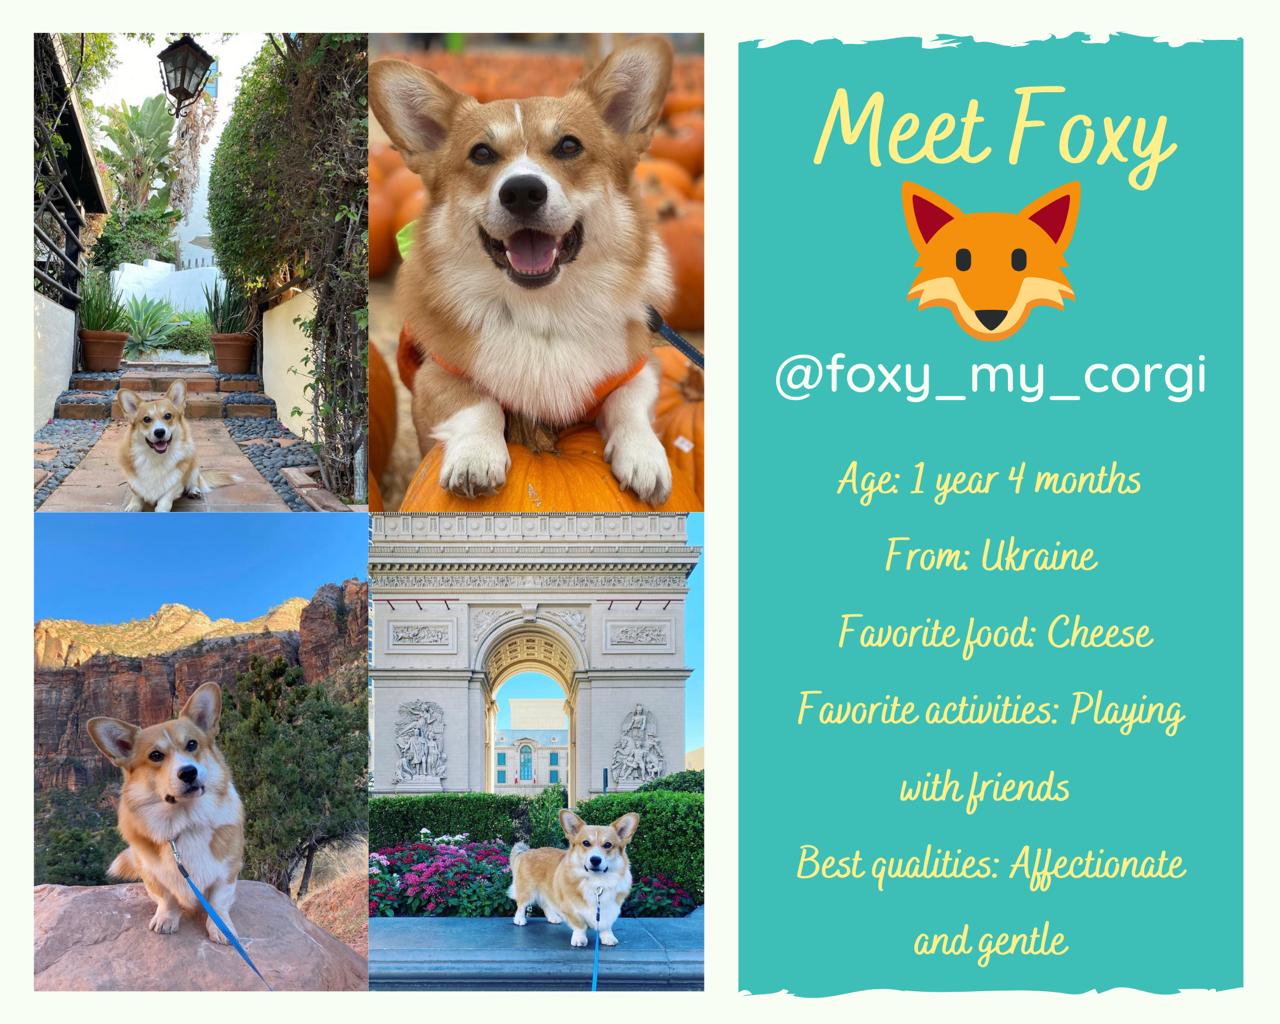 foxy the corgi